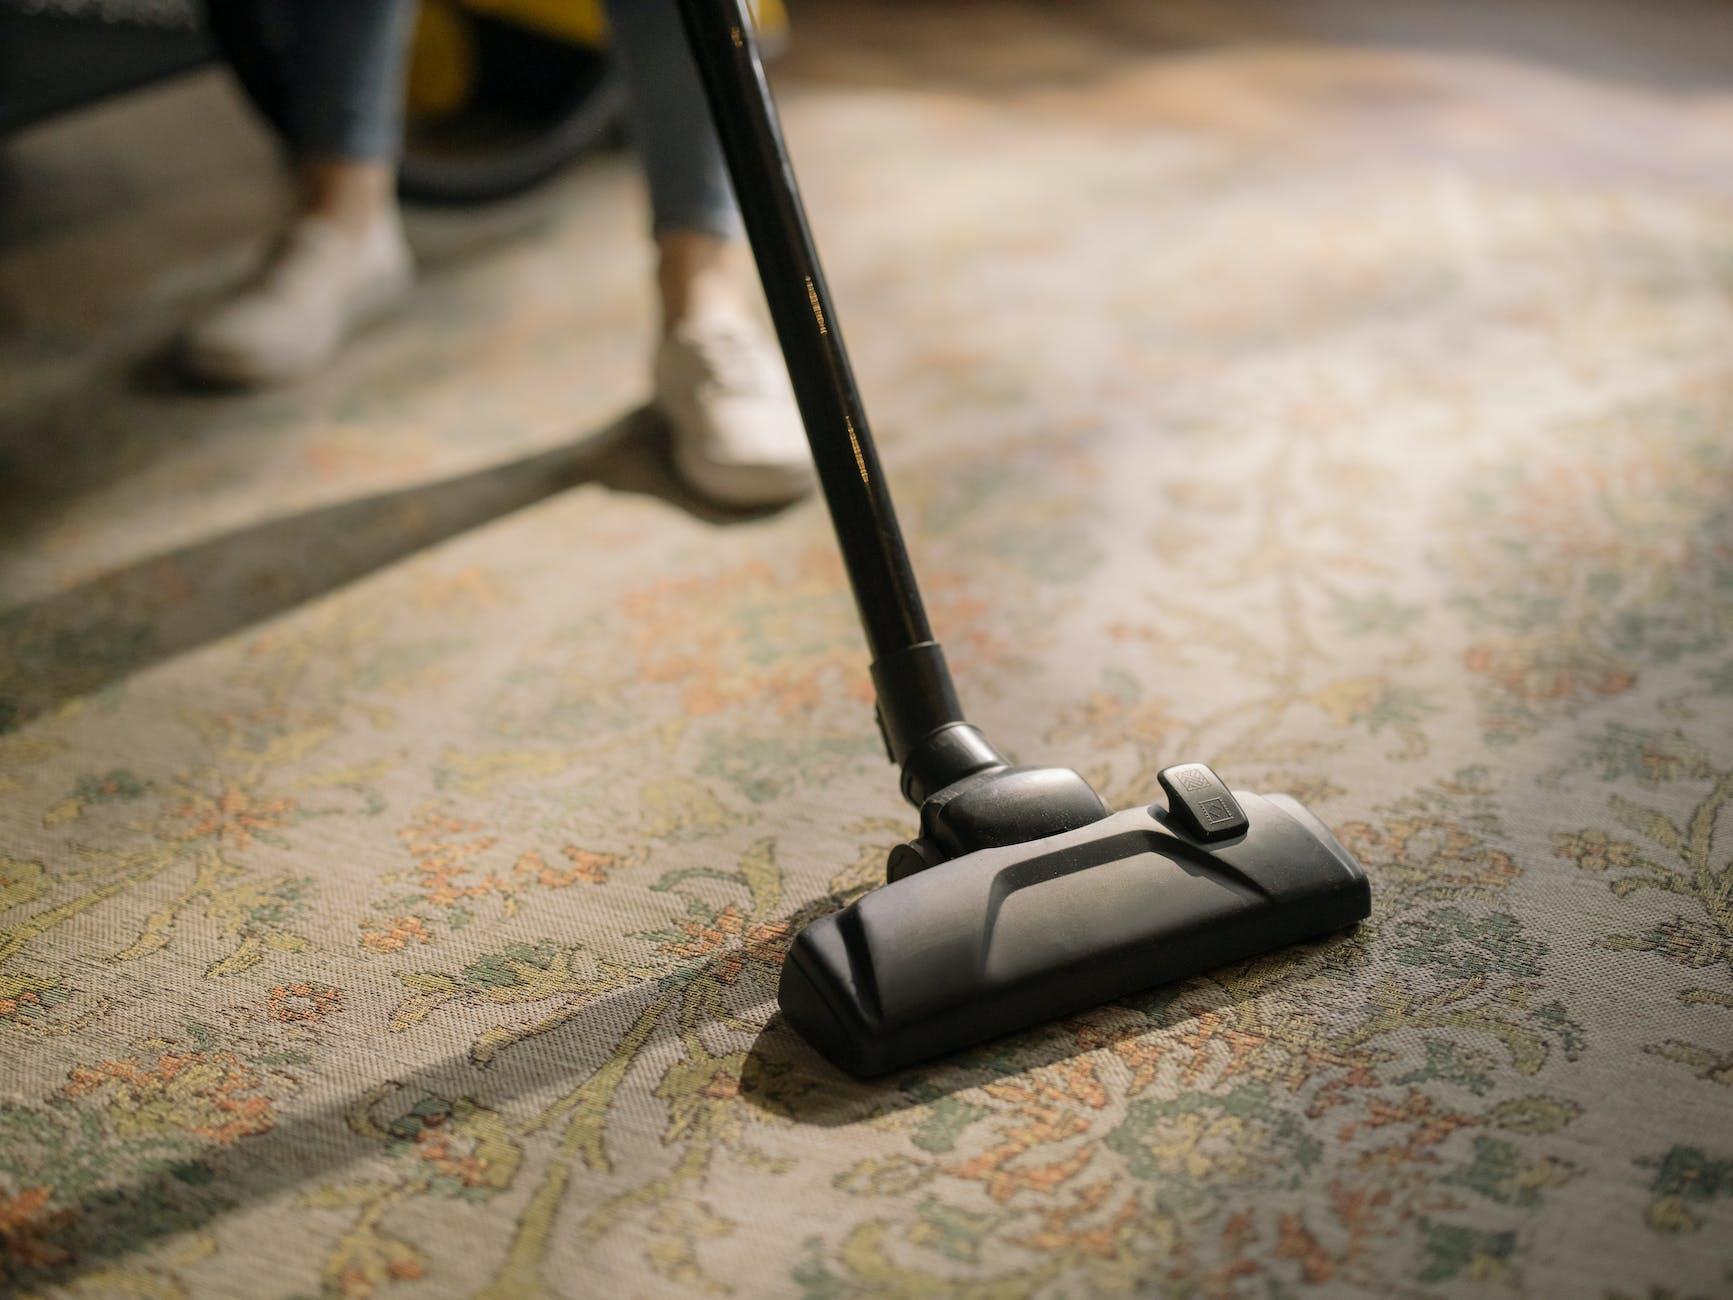 Choosing the Best Vacuum Cleaner For Builders' Dust